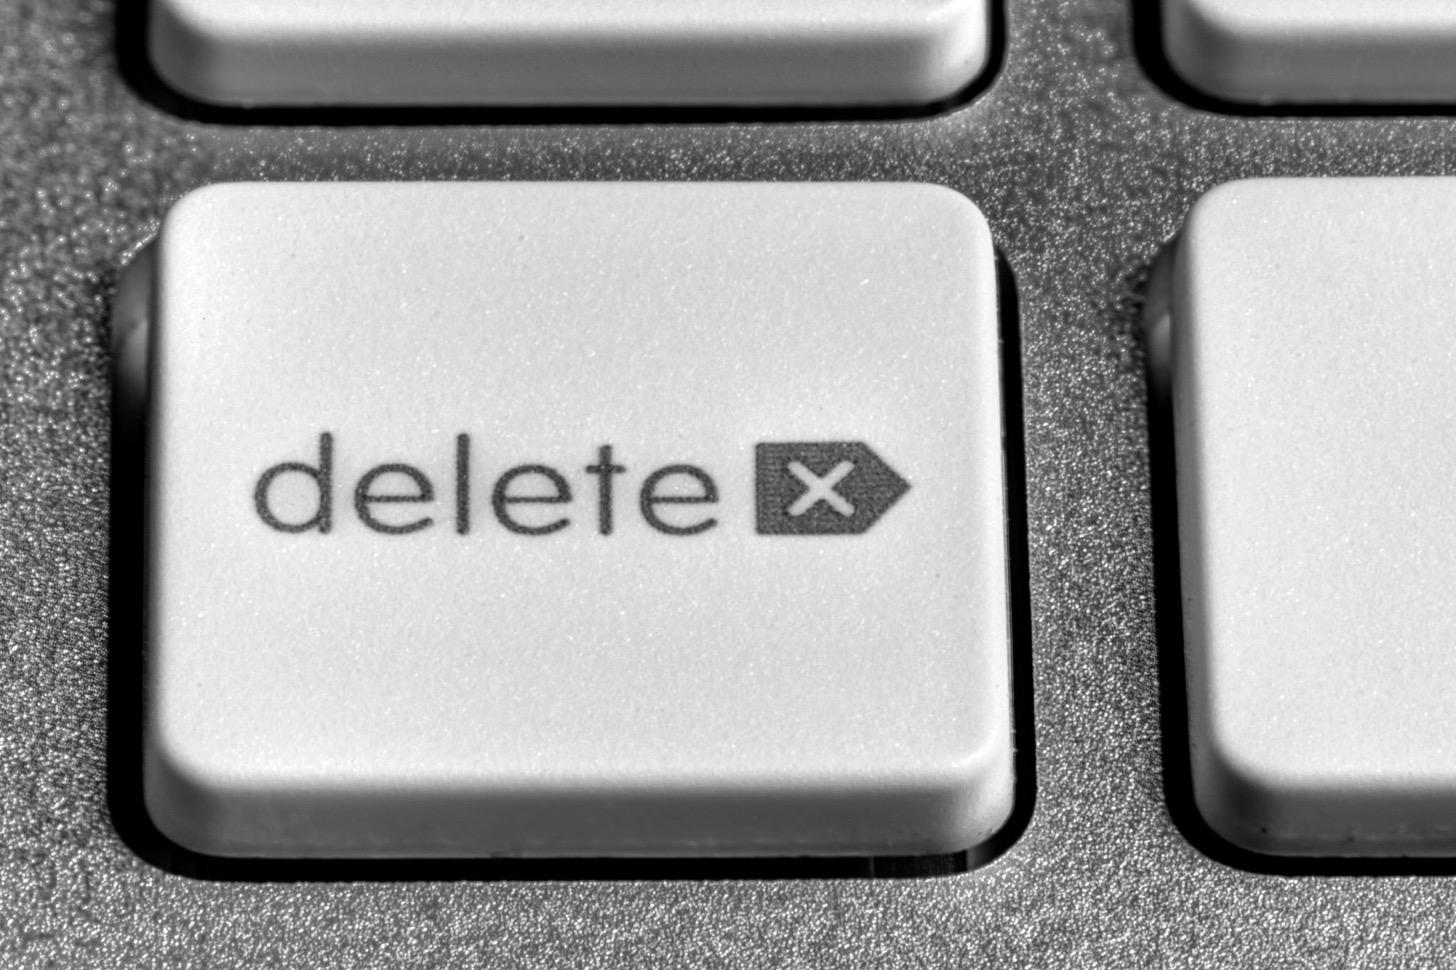 Macのdeleteキー(削除)